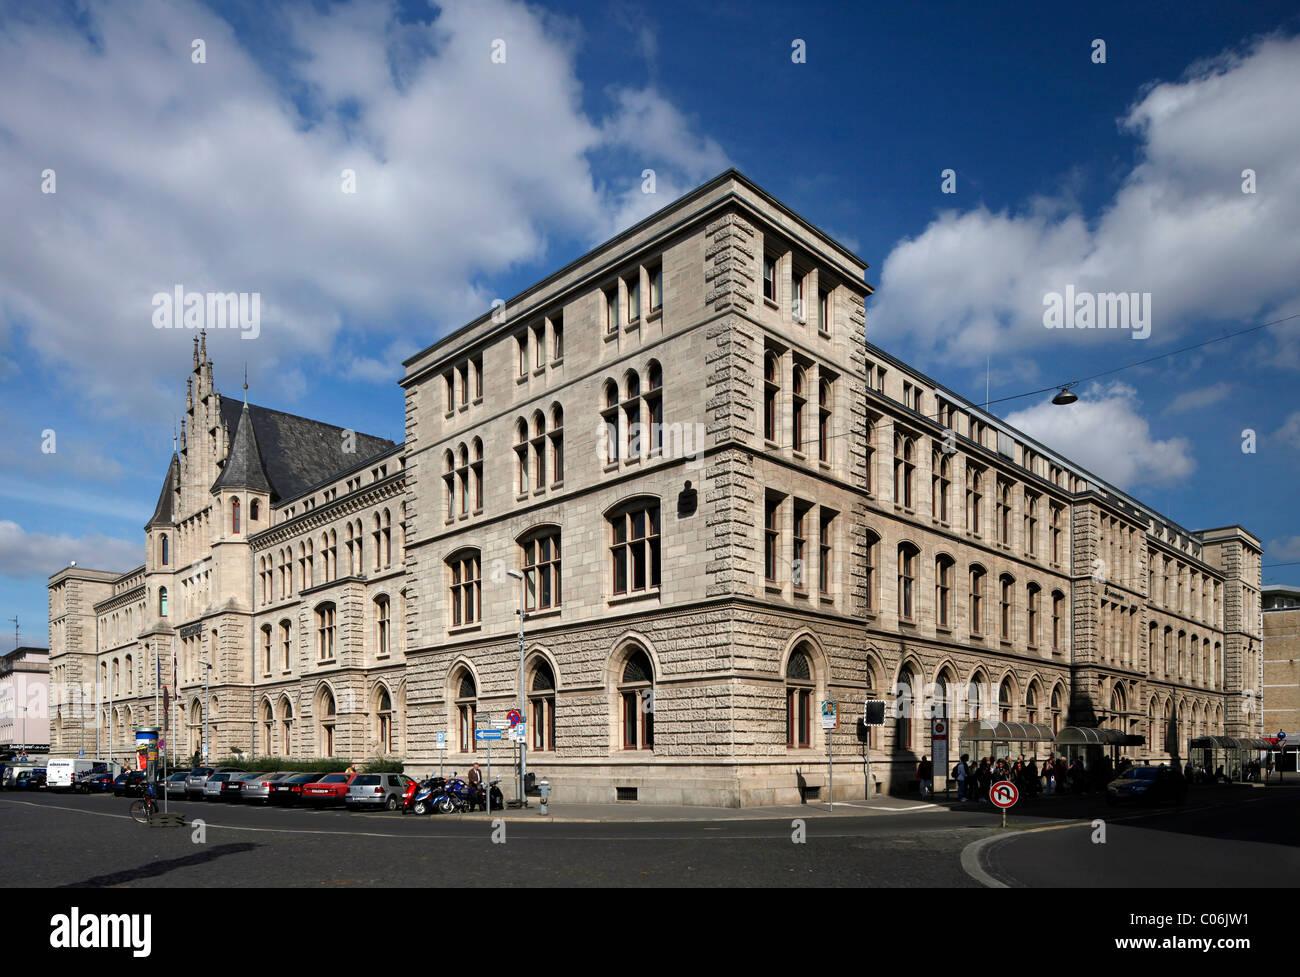 Bezirksregierung Braunschweig, Braunschweig, Niedersachsen, Deutschland, Europa Stockbild